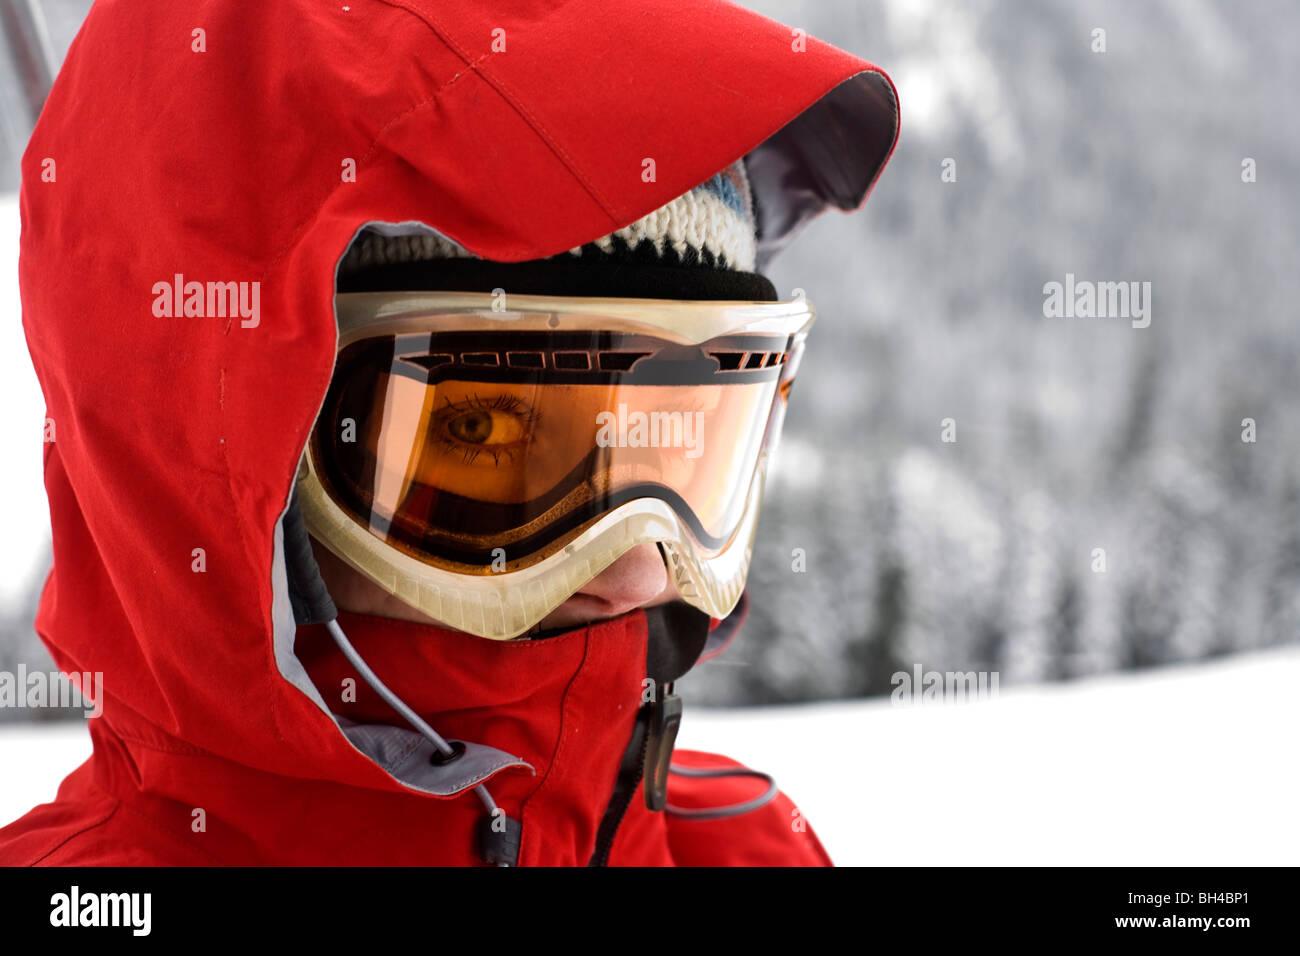 Ein close-up Portrait einer Frau trägt einen roten Skipiste Mantel, Schutzbrille und ein direkter Blick in Stockbild